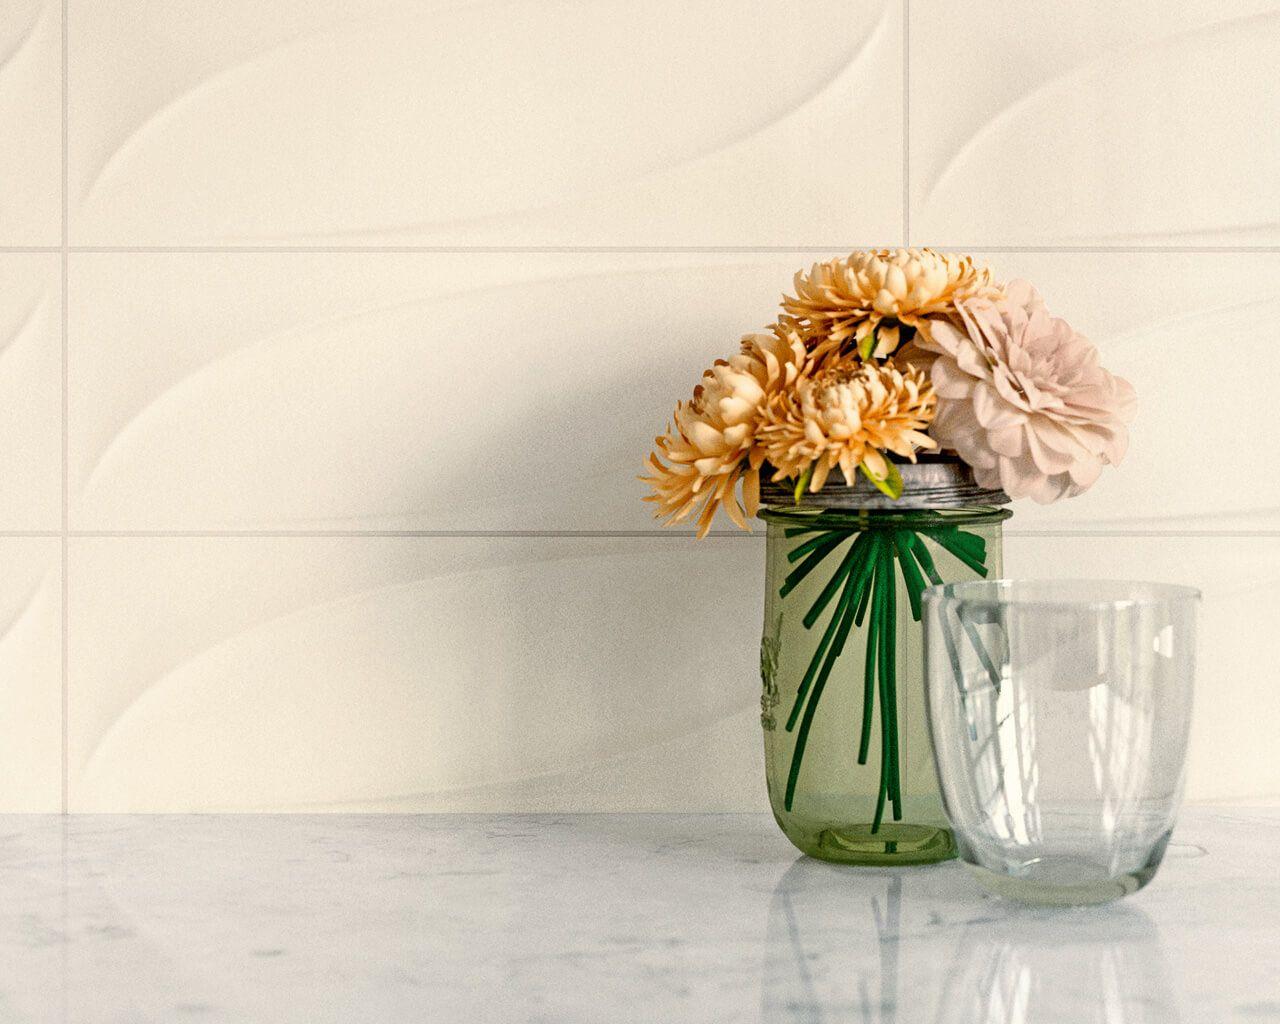 Tenone | Ceramika Paradyz on